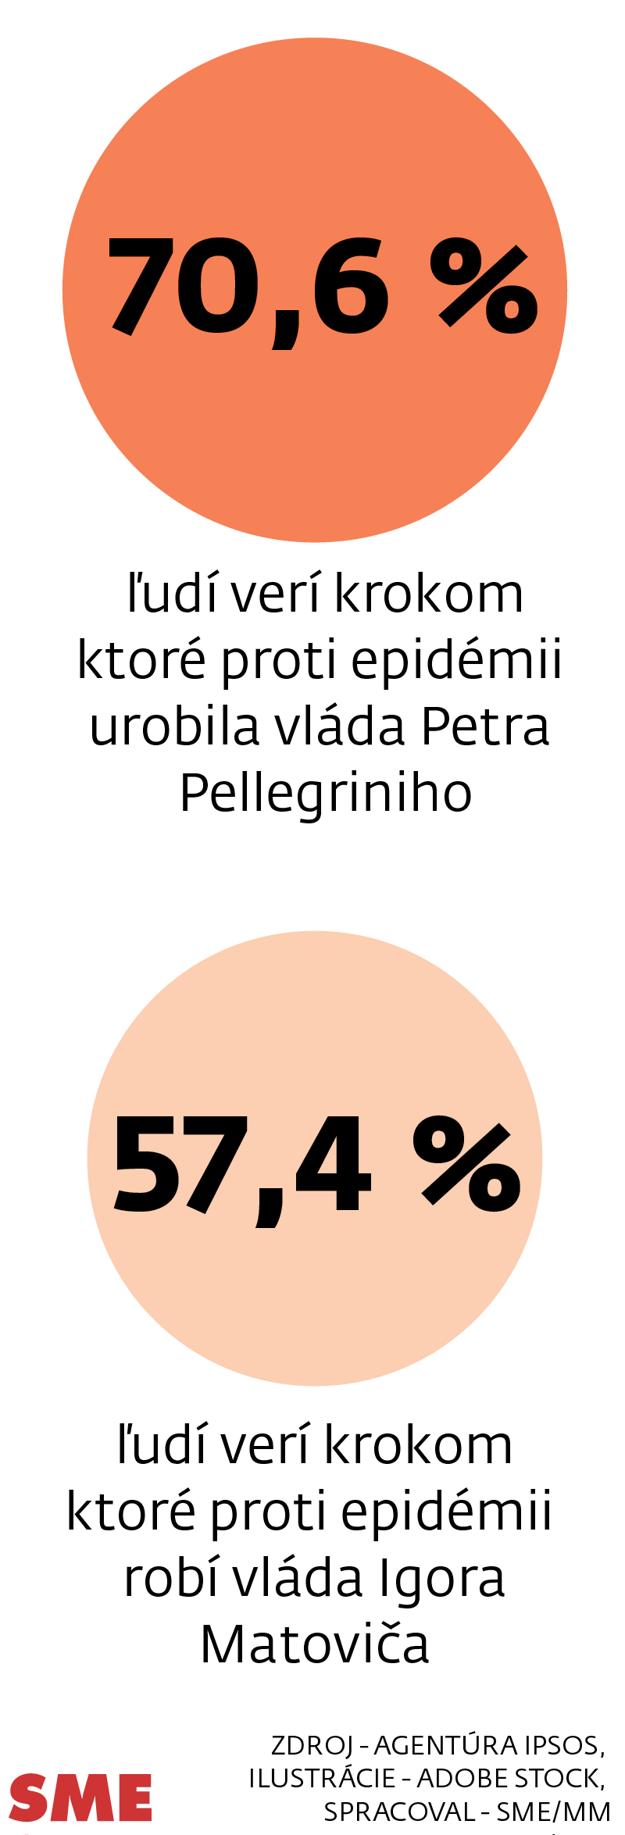 Ktorej vláde ľudia pri riešení koronakrízy viac dôverujú podľa prieskumu agentúry Ipsos